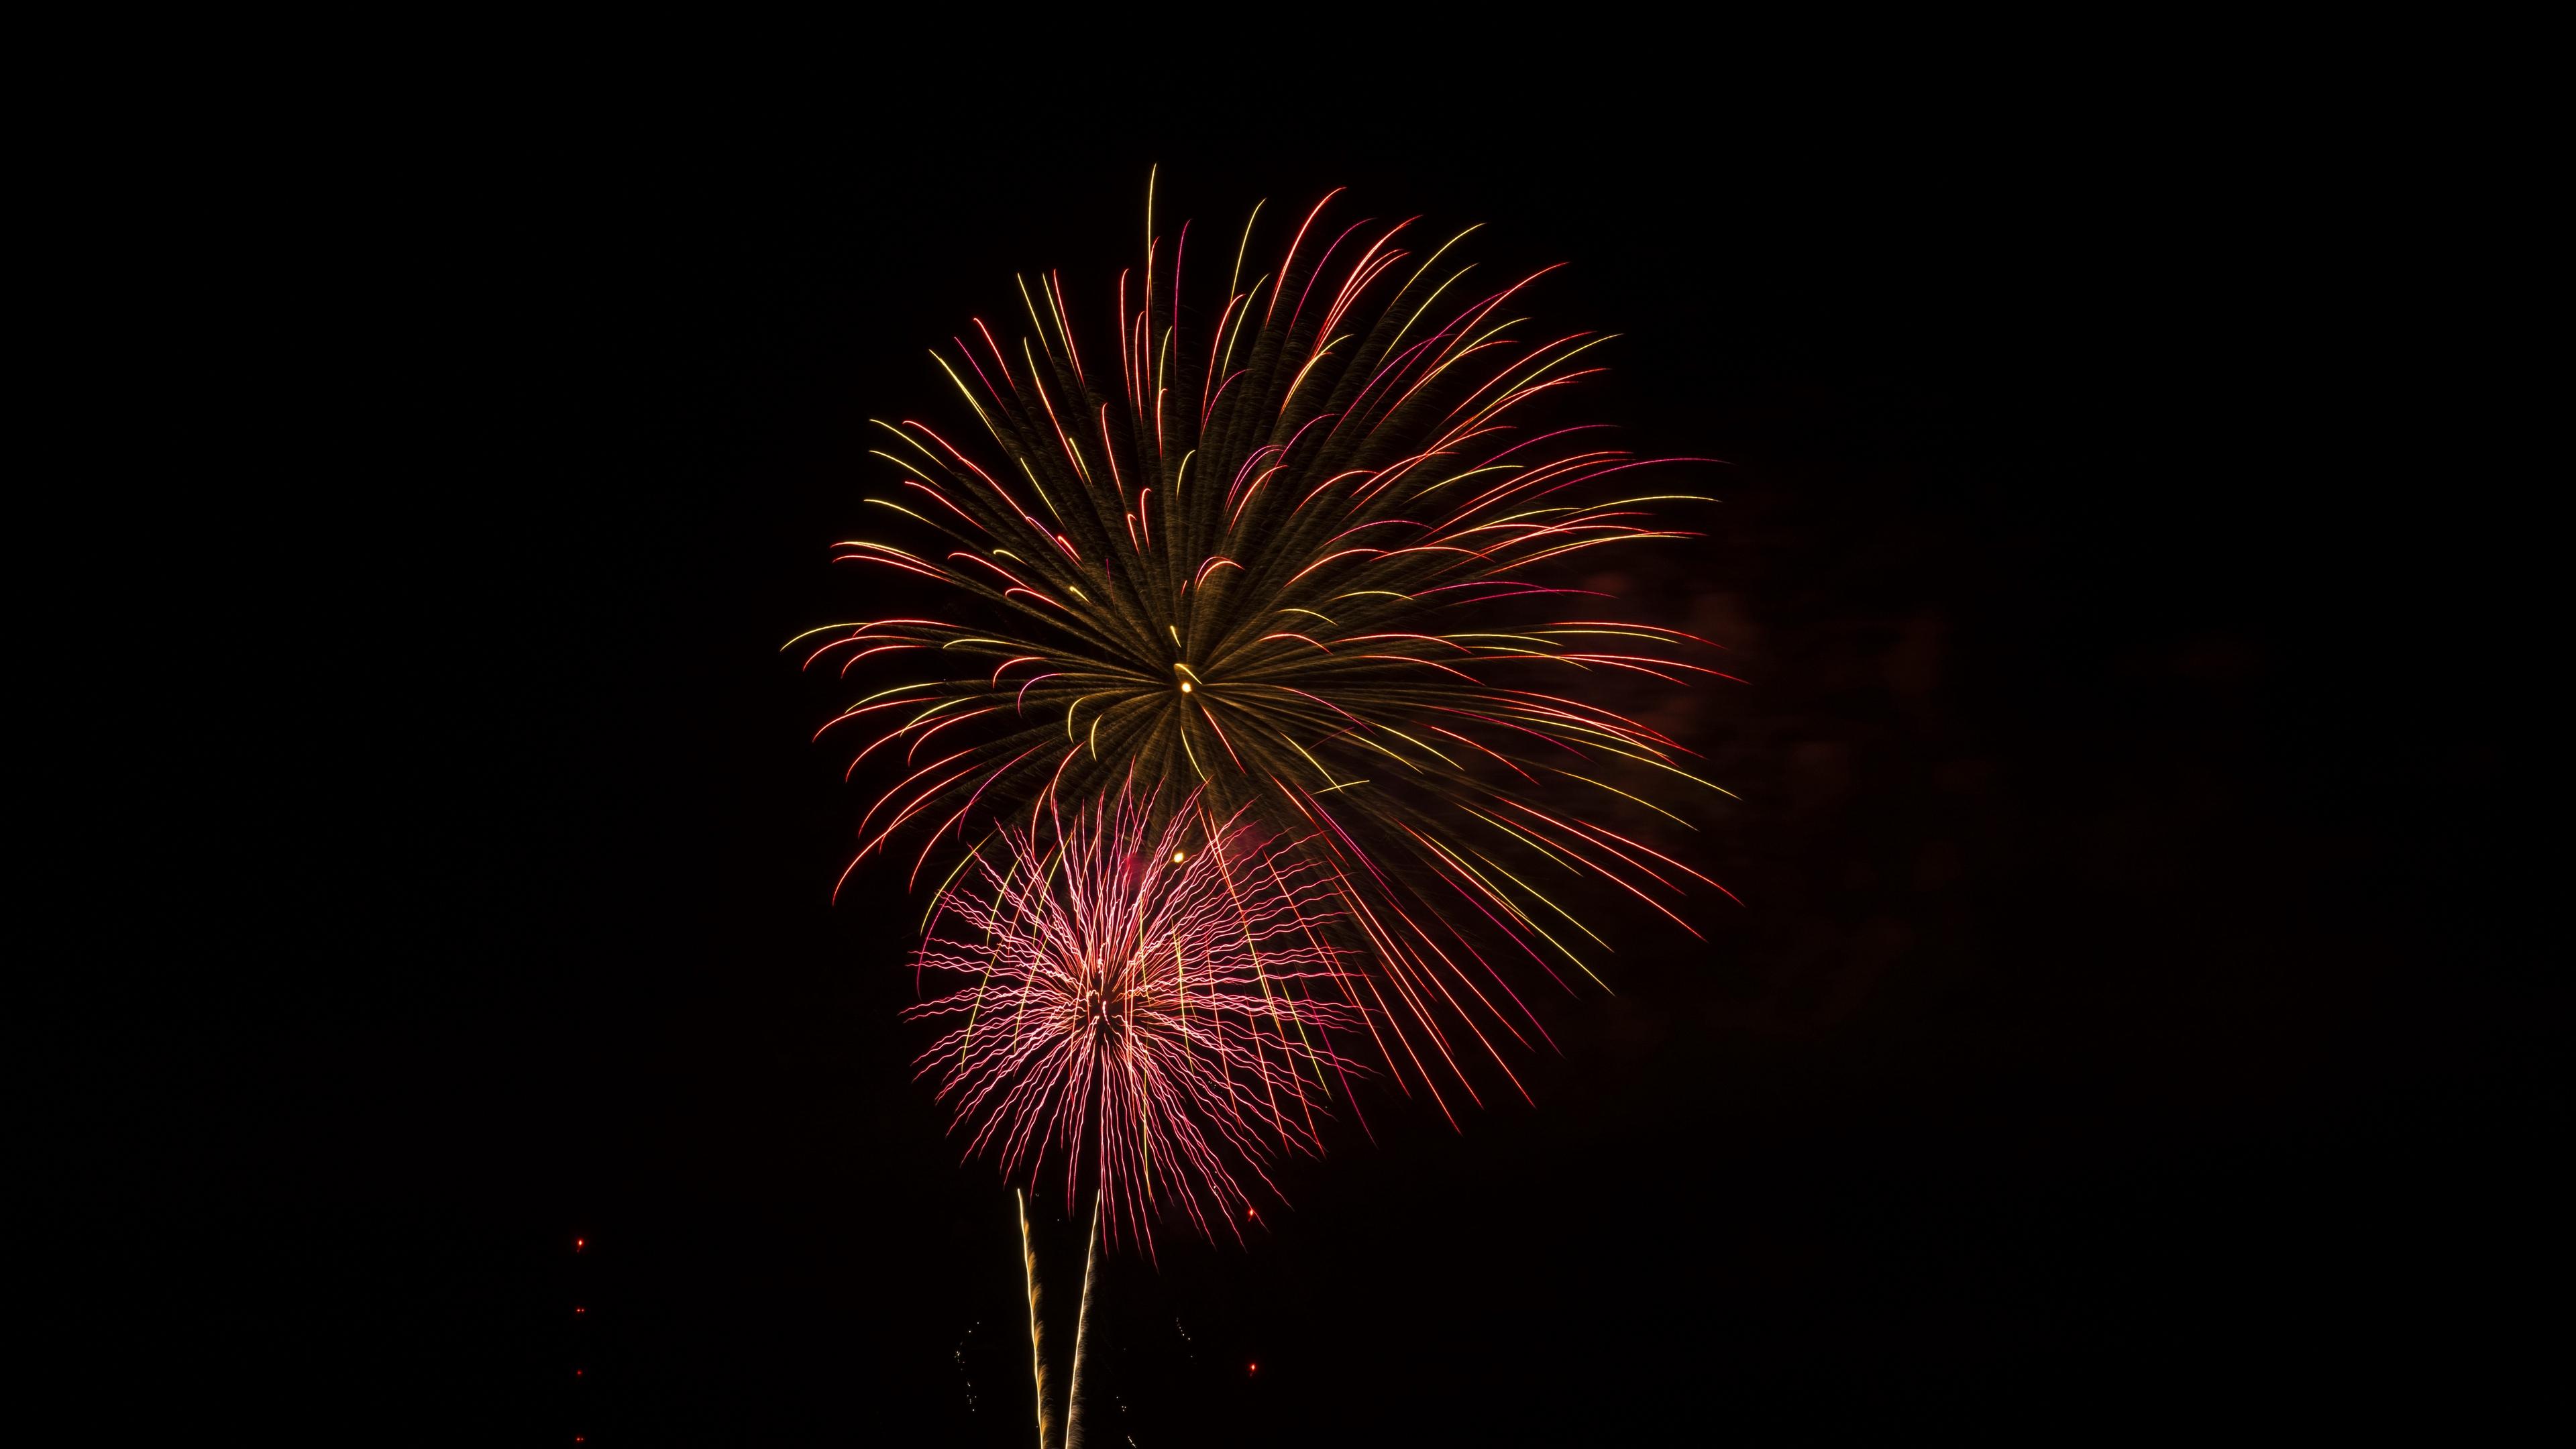 salute fireworks celebration rays sparks 4k 1538345127 - salute, fireworks, celebration, rays, sparks 4k - salute, Fireworks, Celebration